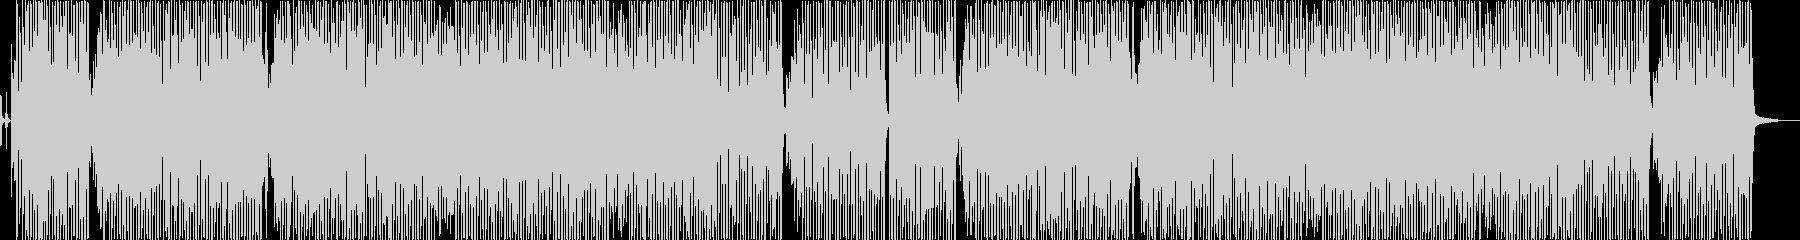 テーマパークで流れるようなビッグバンド曲の未再生の波形